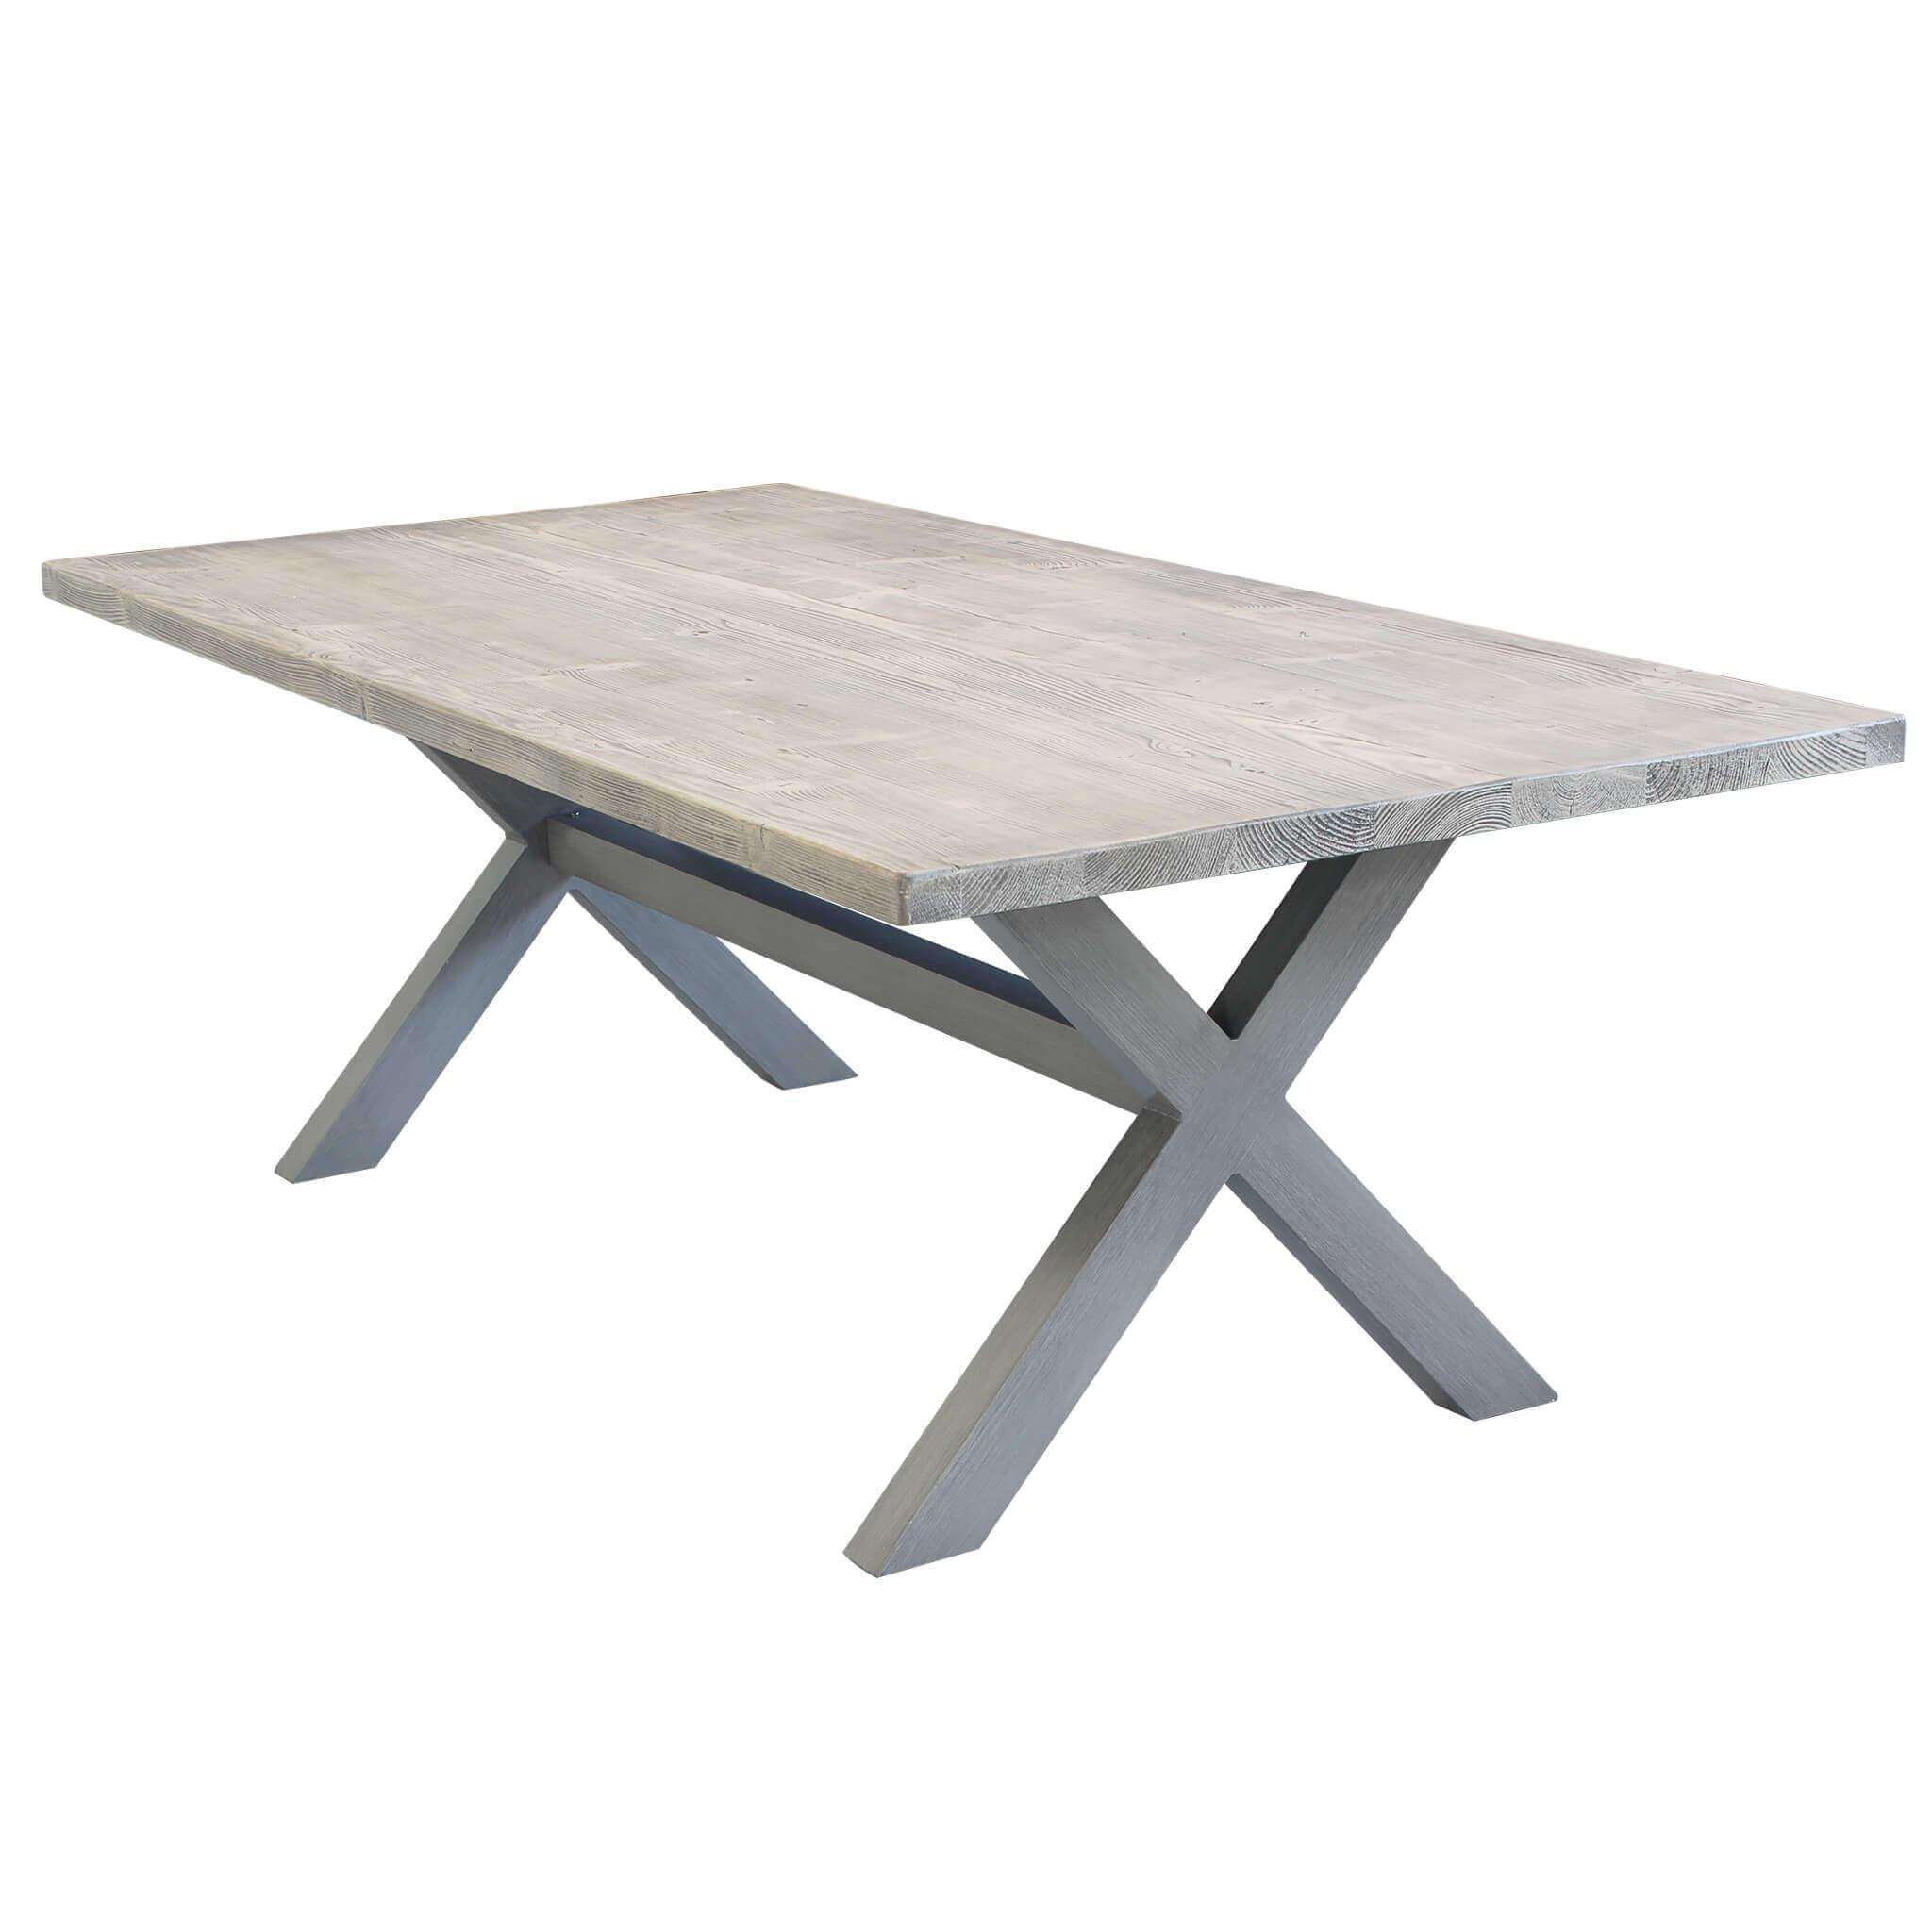 Milani Home IBEX - tavolo da giardino in alluminio e cementite effetto legno 200 x 100